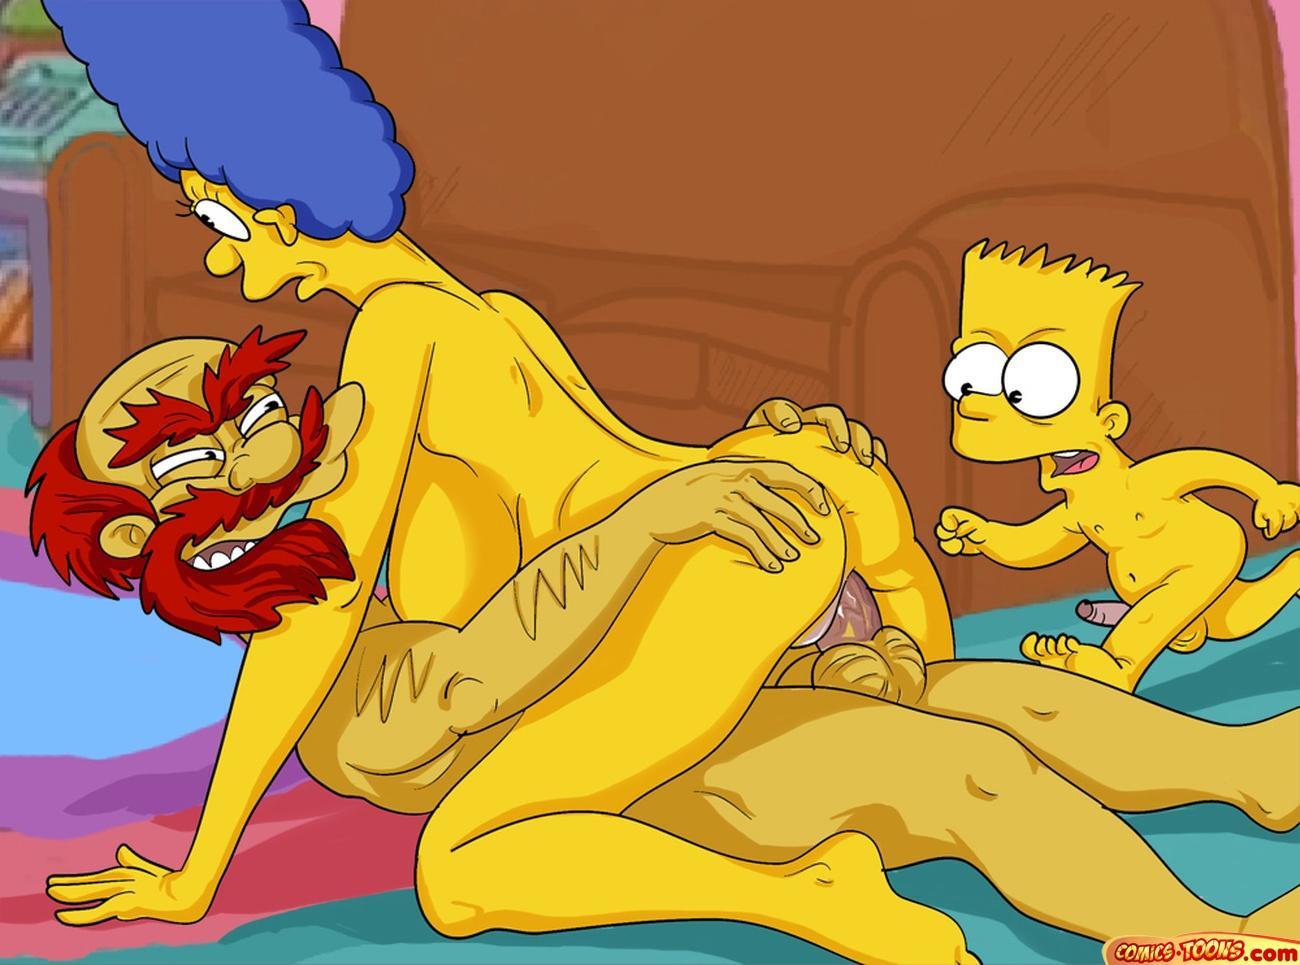 urethral penetration porn